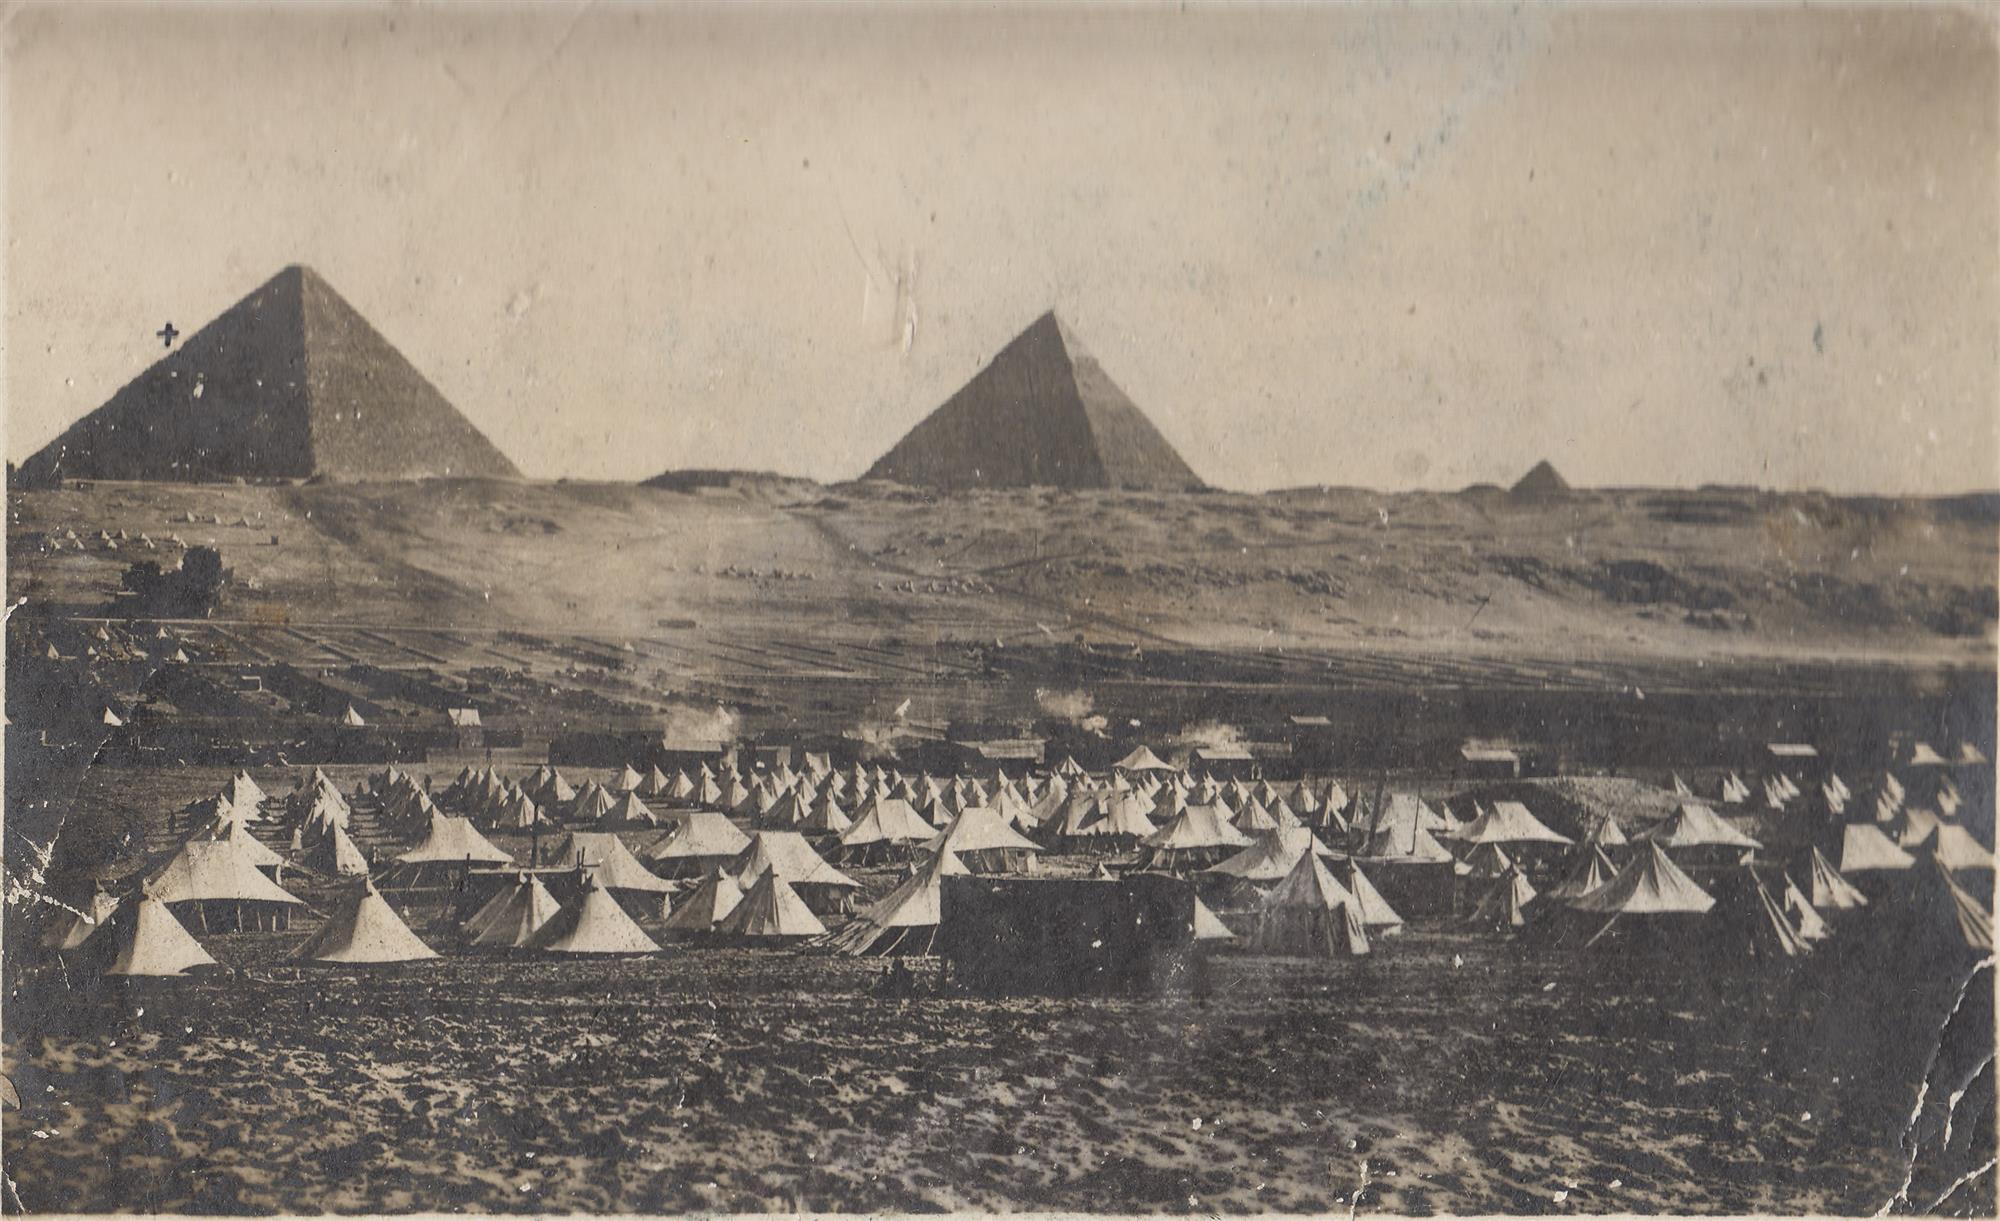 Junto a las pirámides